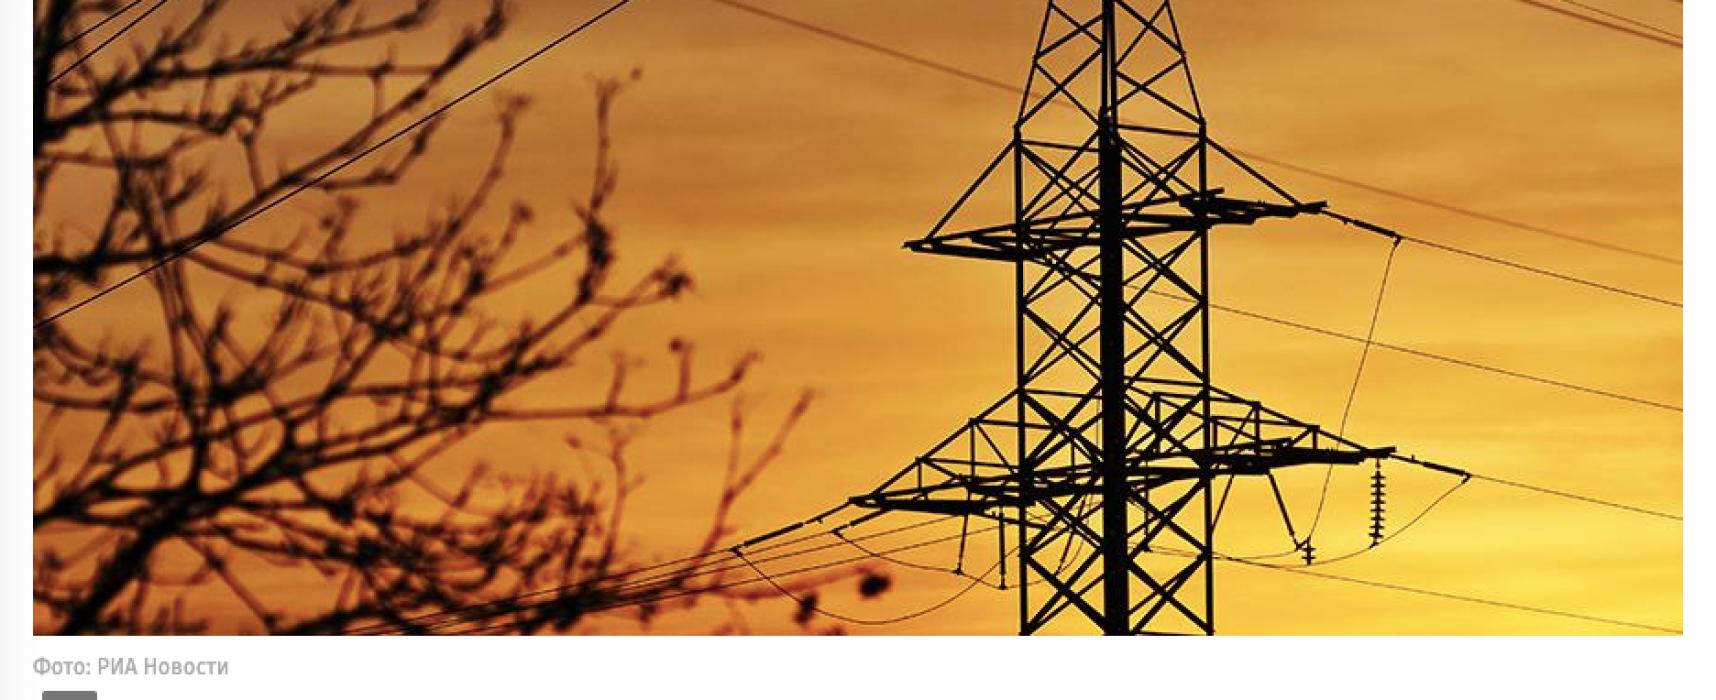 Especulación: En Ucrania declararon que el puente energético con la UE es inapropiado